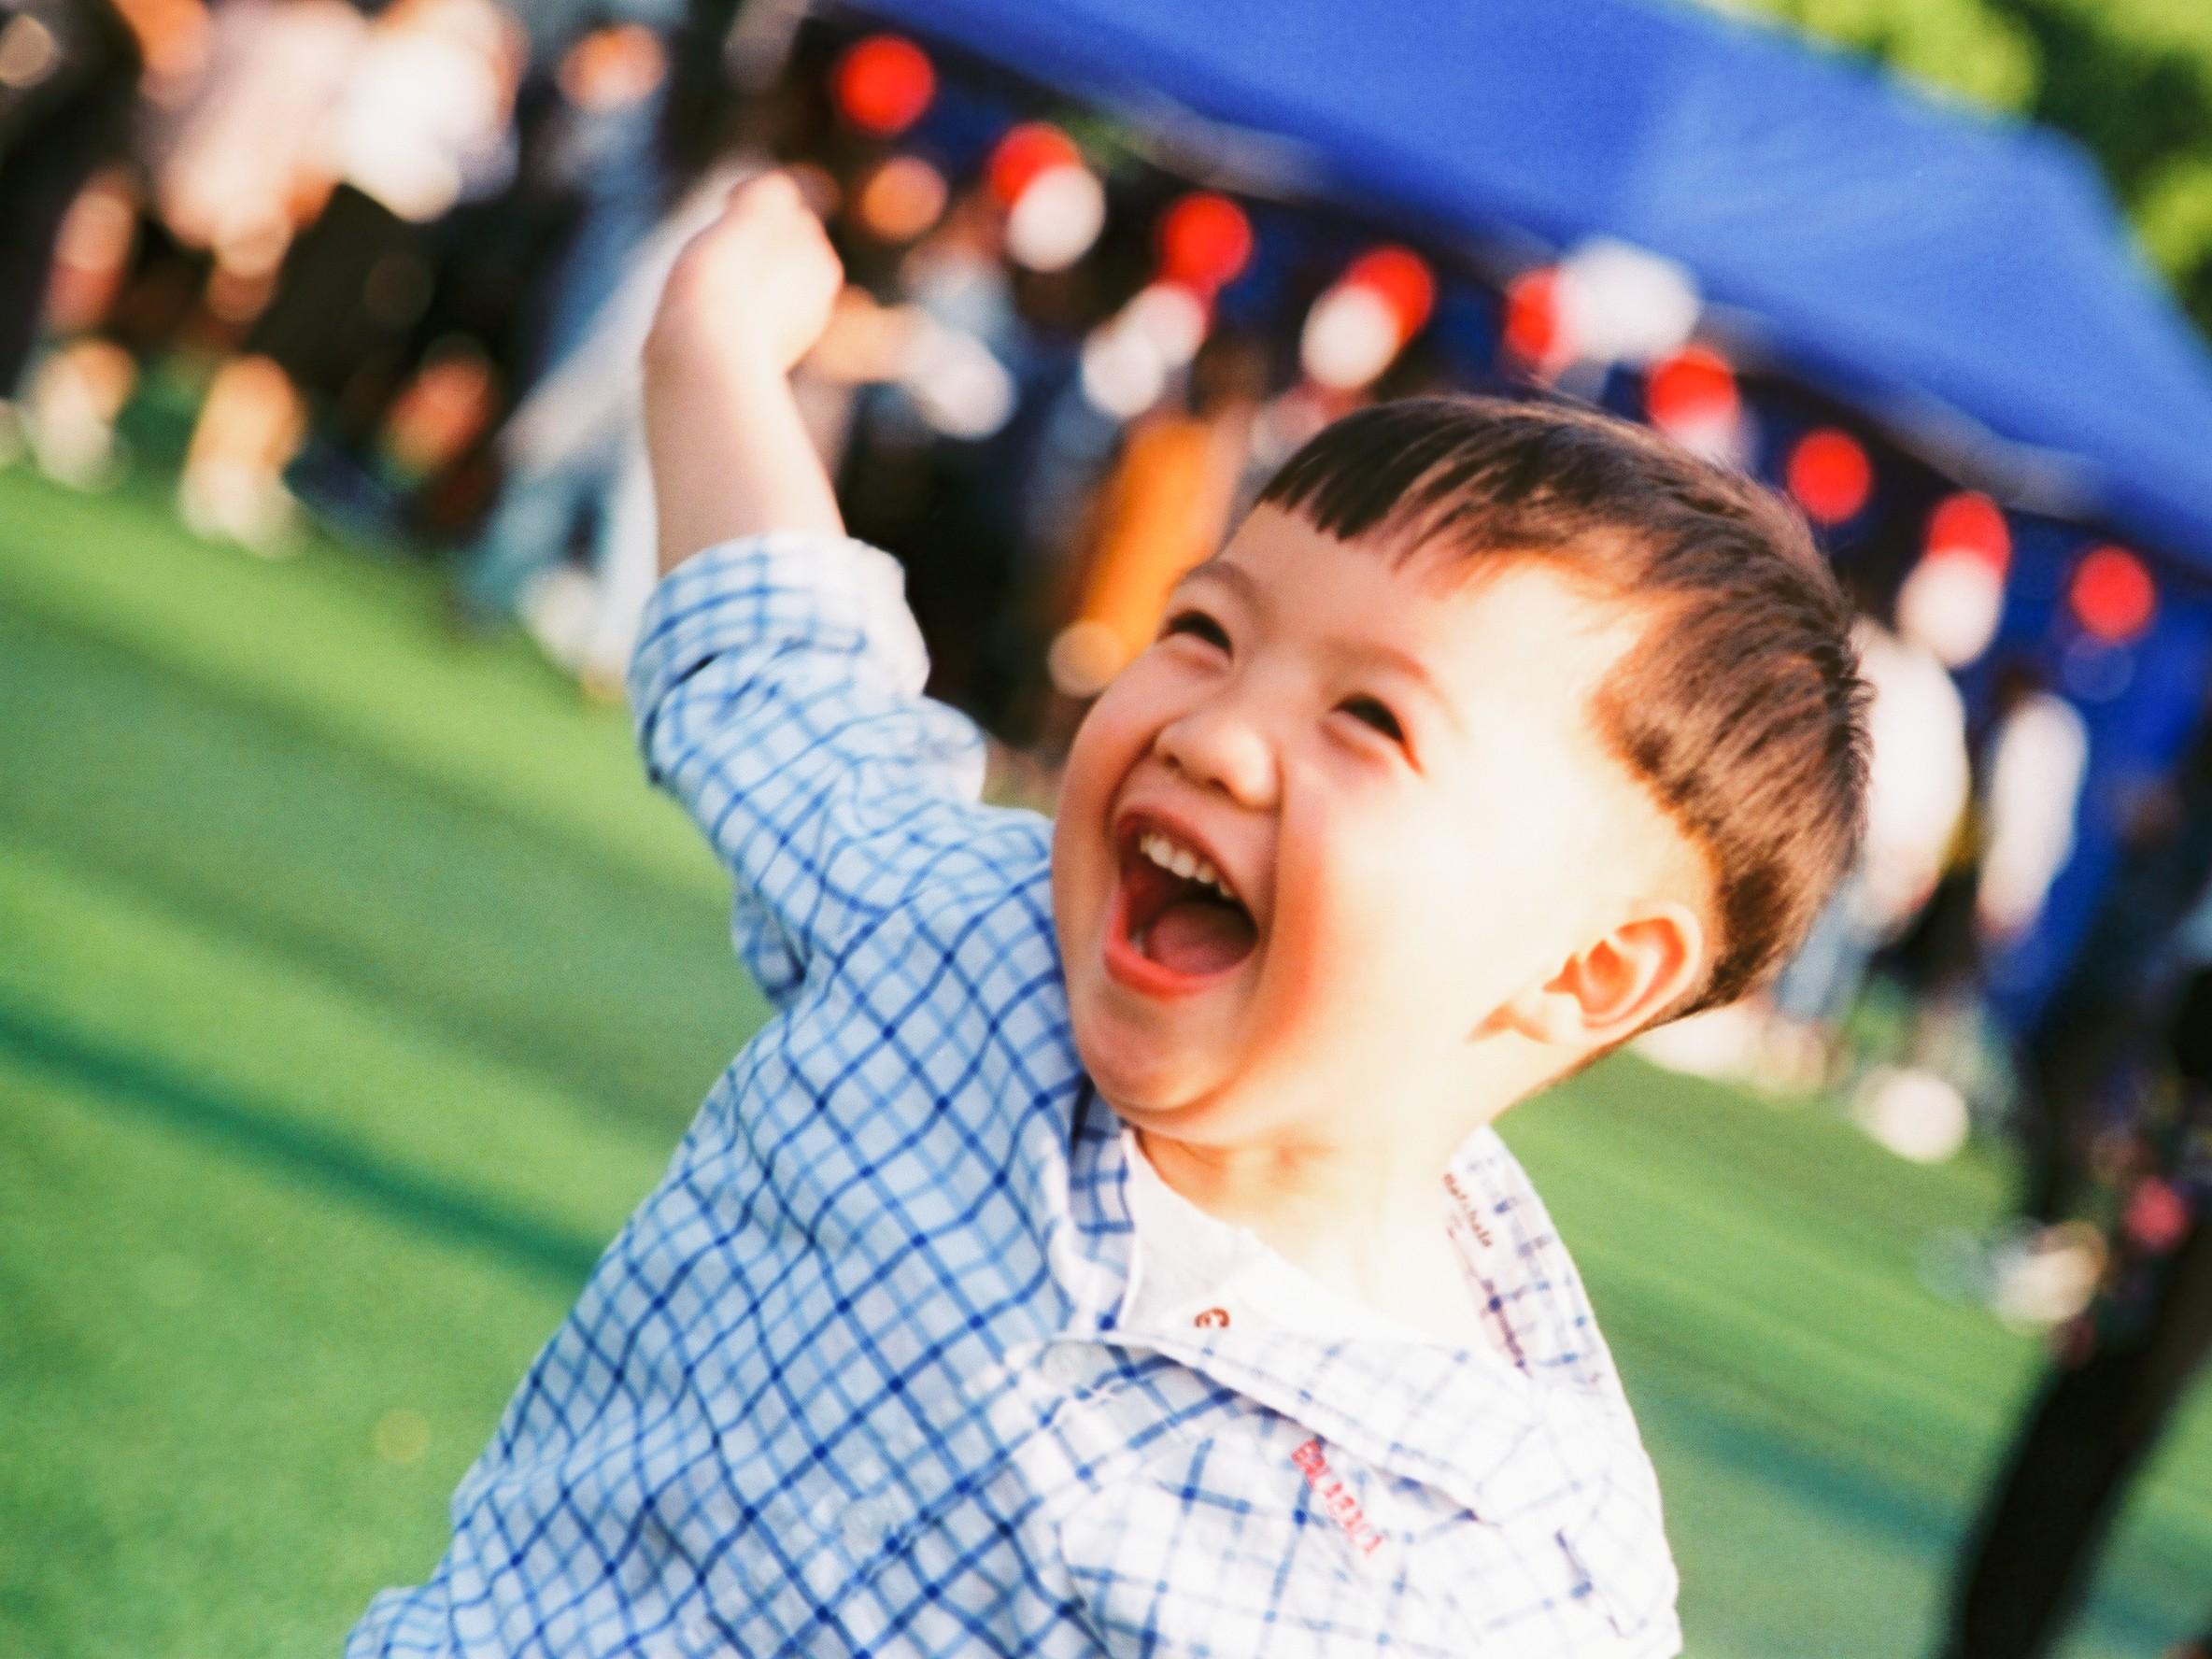 小朋友@踢披奈就是专注-菲林中文-独立胶片摄影门户!